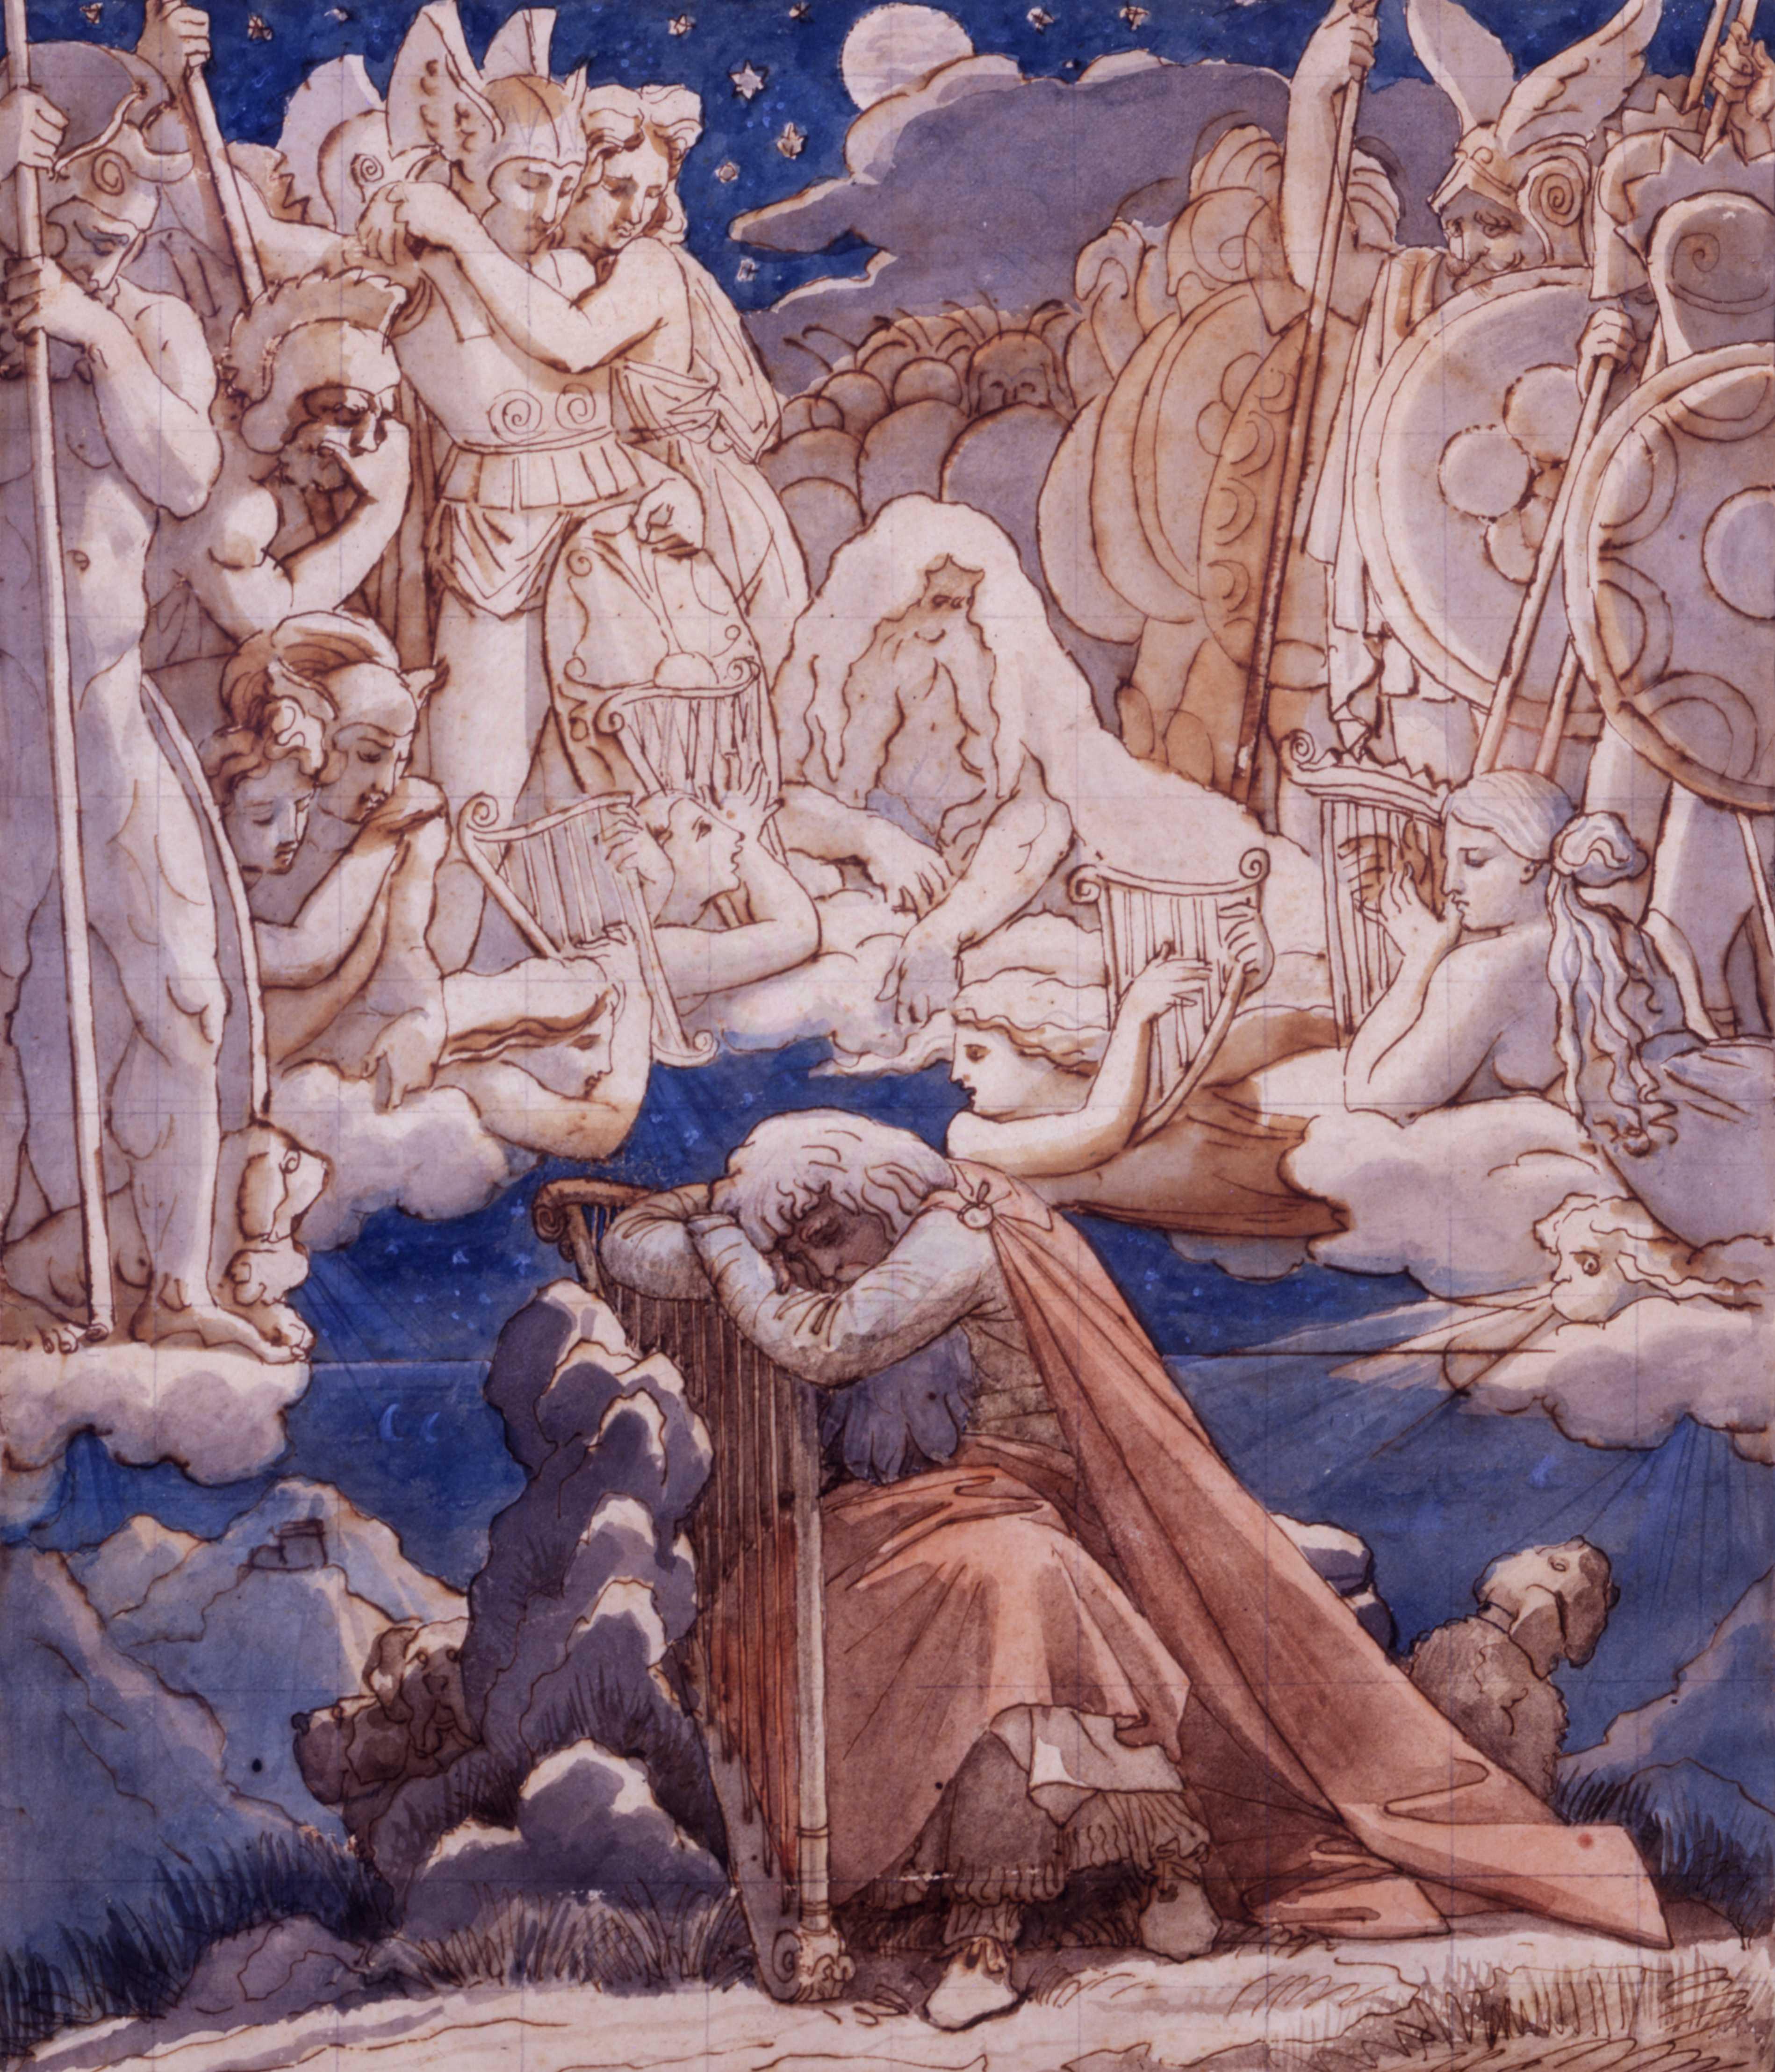 Ingres, Songe d'Ossian, XIXe siècle. Plume et encre brune, aquarelle, mis au carreau à la pierre noire, 30,5 x 30,2 cm, Collection Prat.